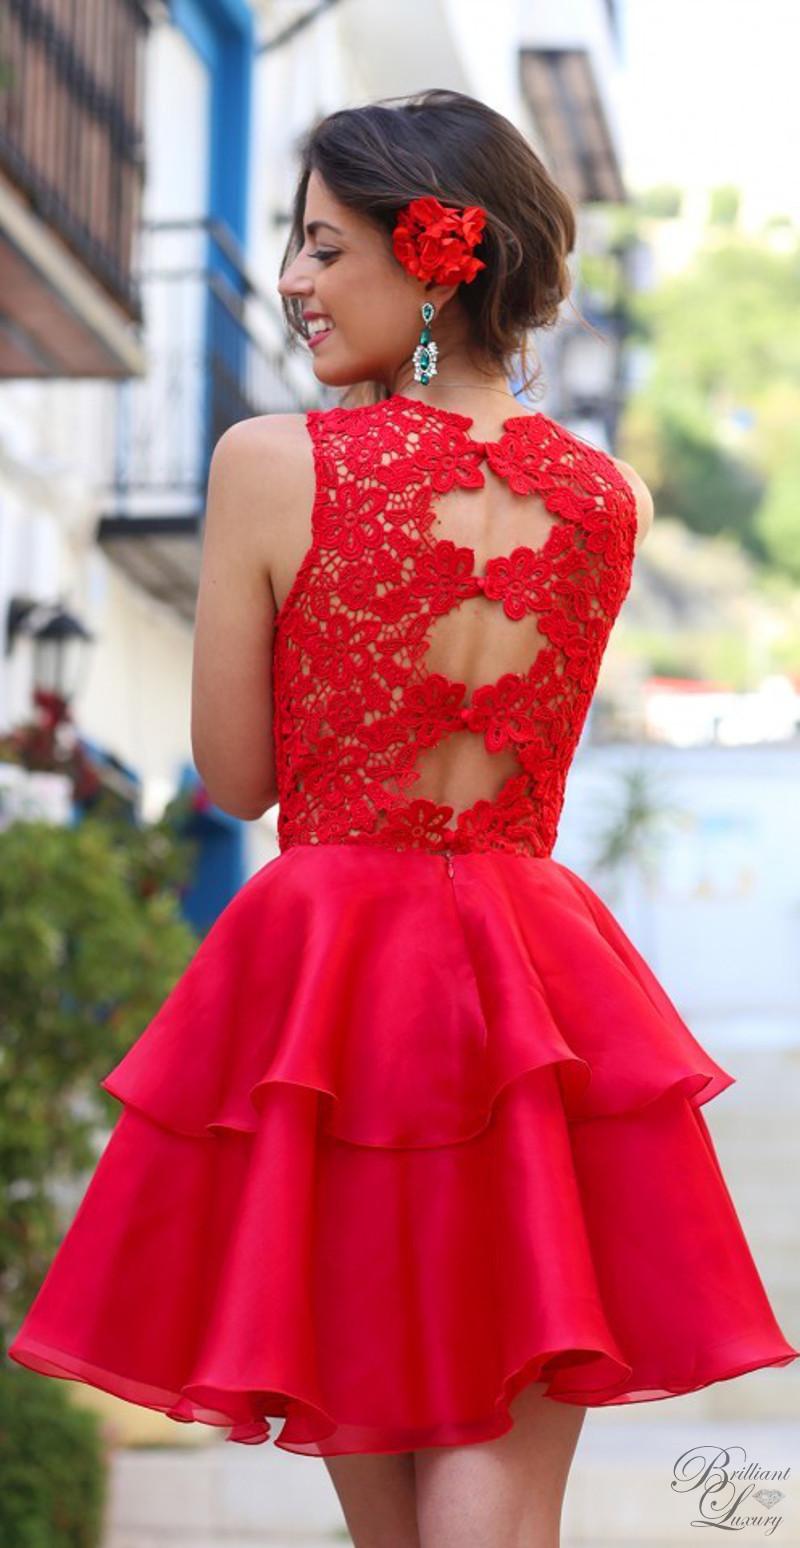 Brilliant Luxury ♦ Silvia Navarro Magnolia II Dress